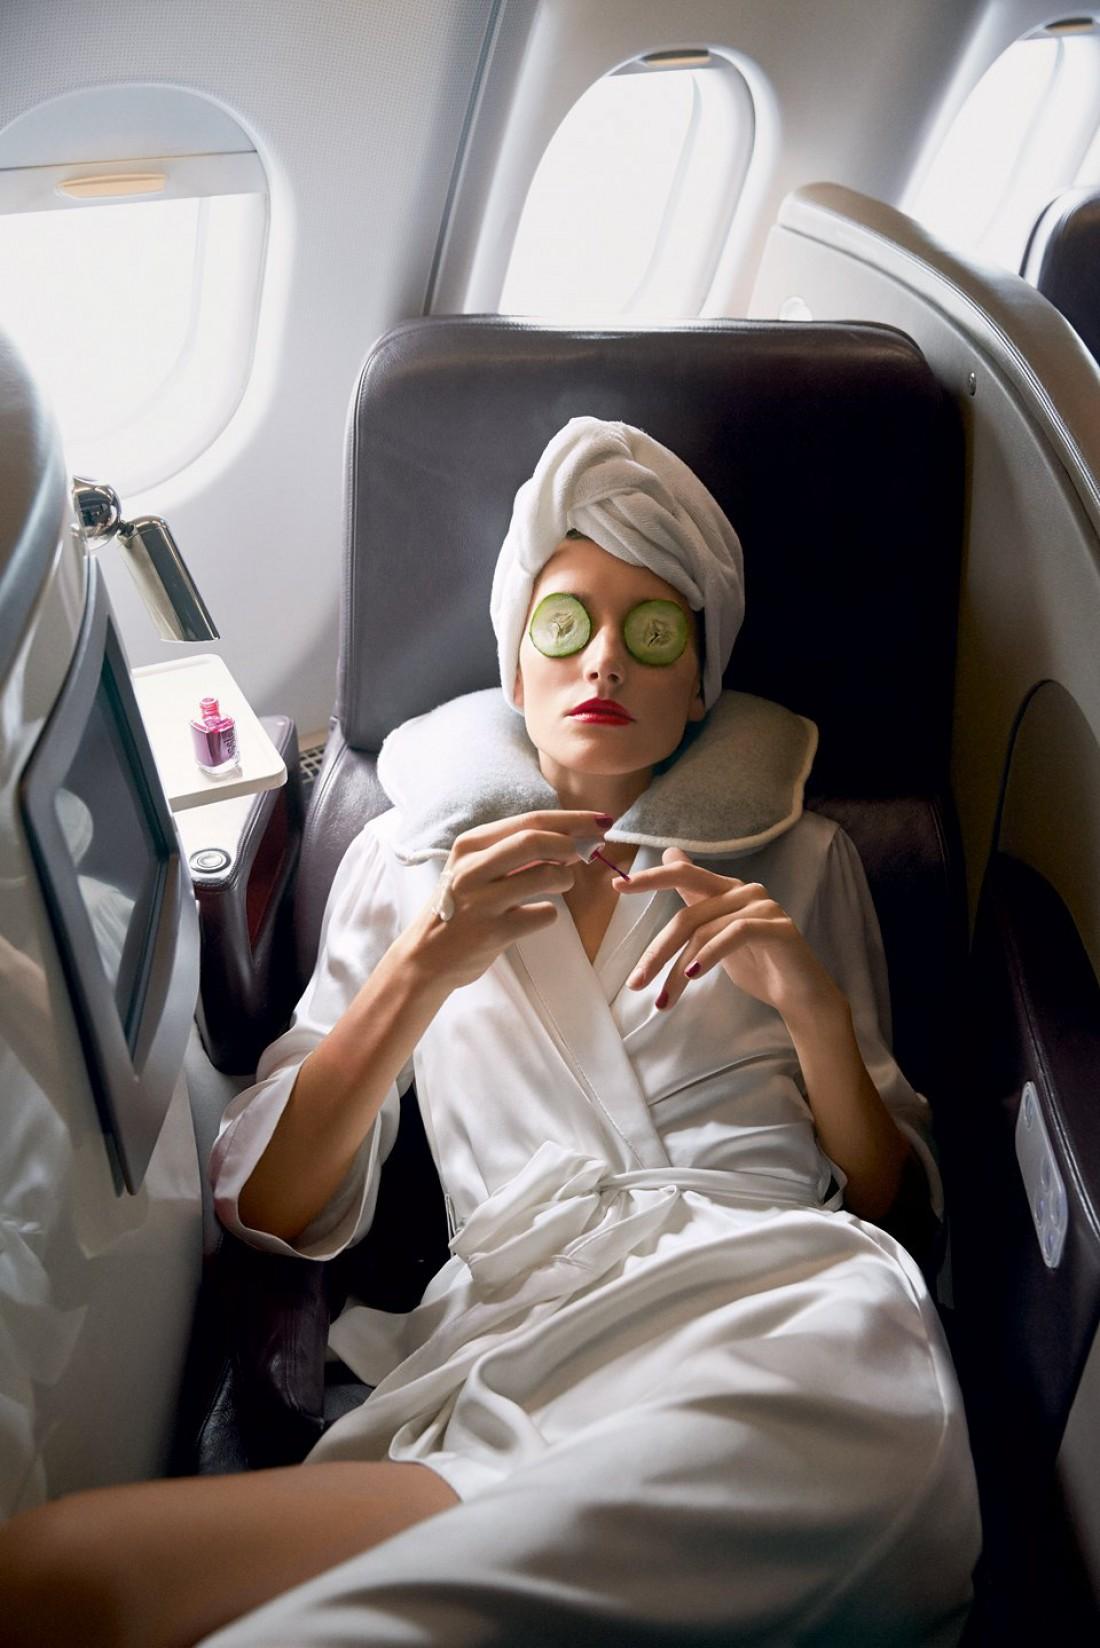 Тканевая маска – необходимая вещь в самолете